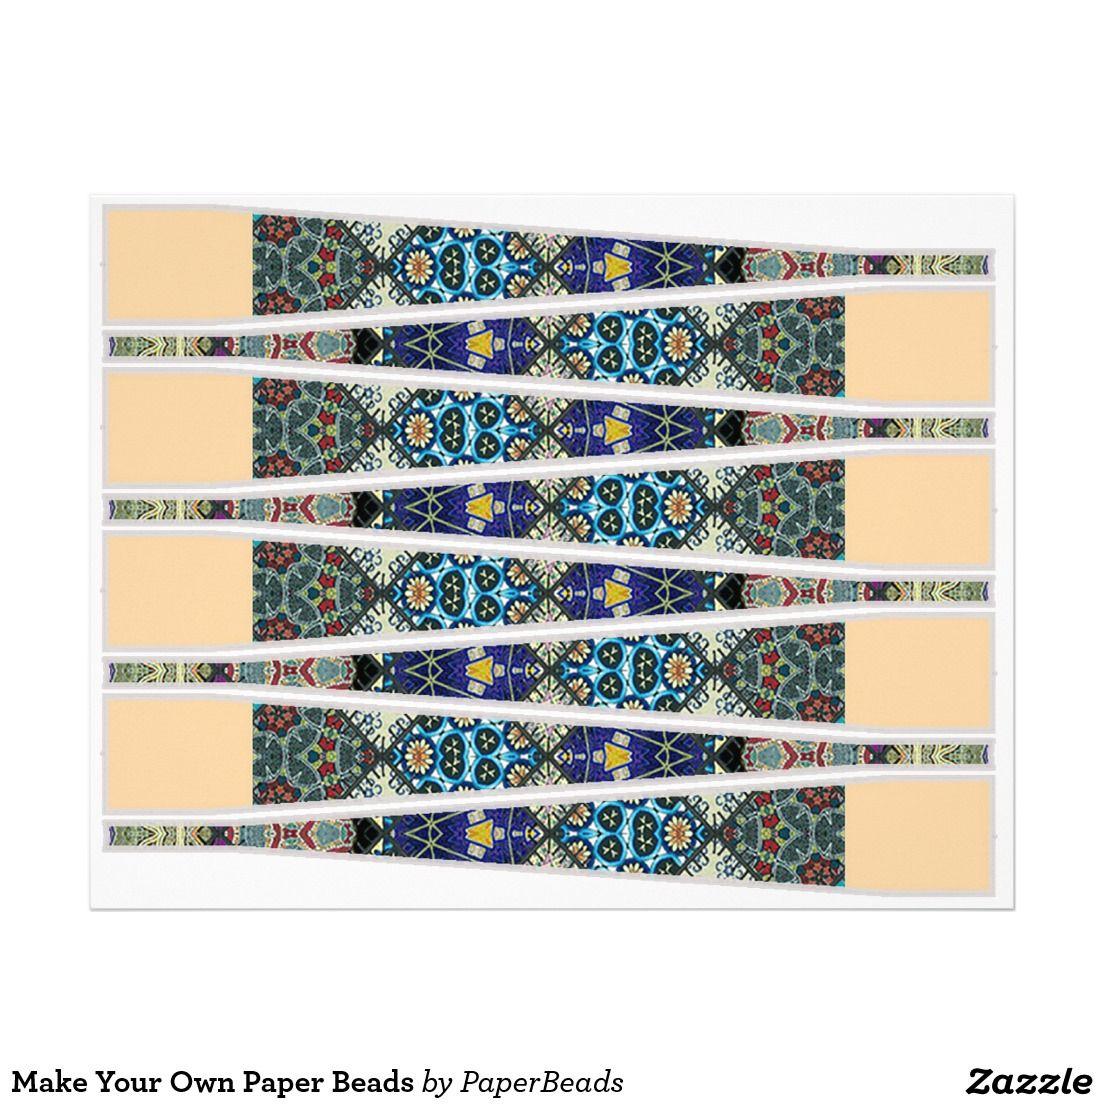 make your own paper beads letterhead free letterhead design